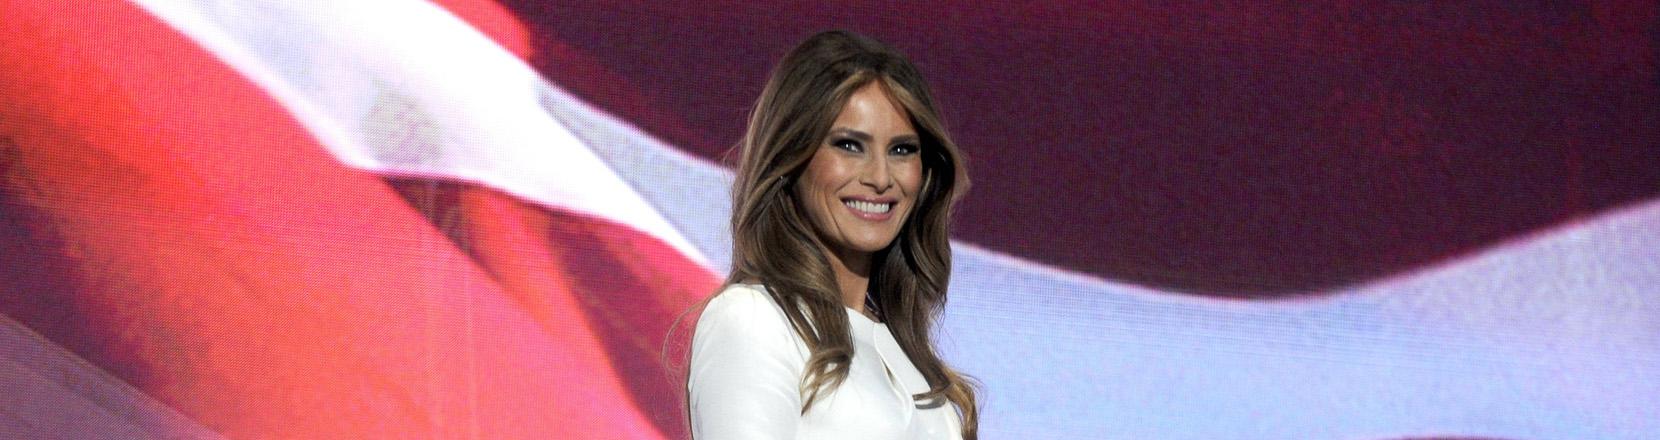 Melania Trump bei einem Wahlkampfauftritt ihres Mannes